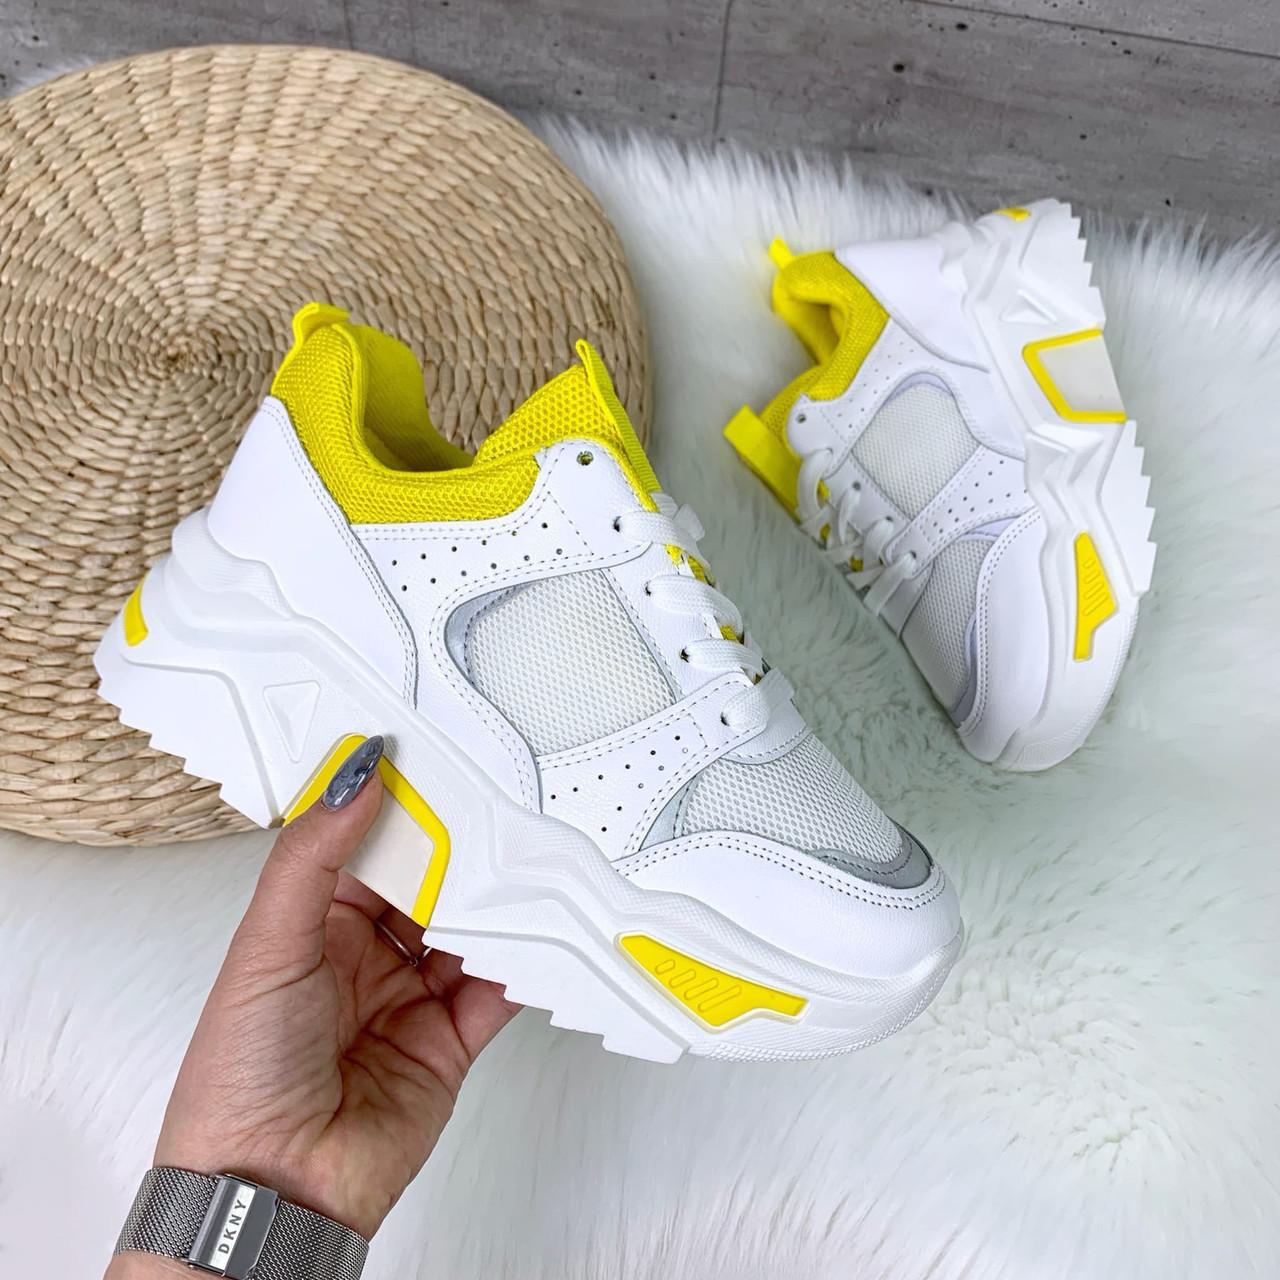 Стильные белые кроссовки с жёлтой вставкой